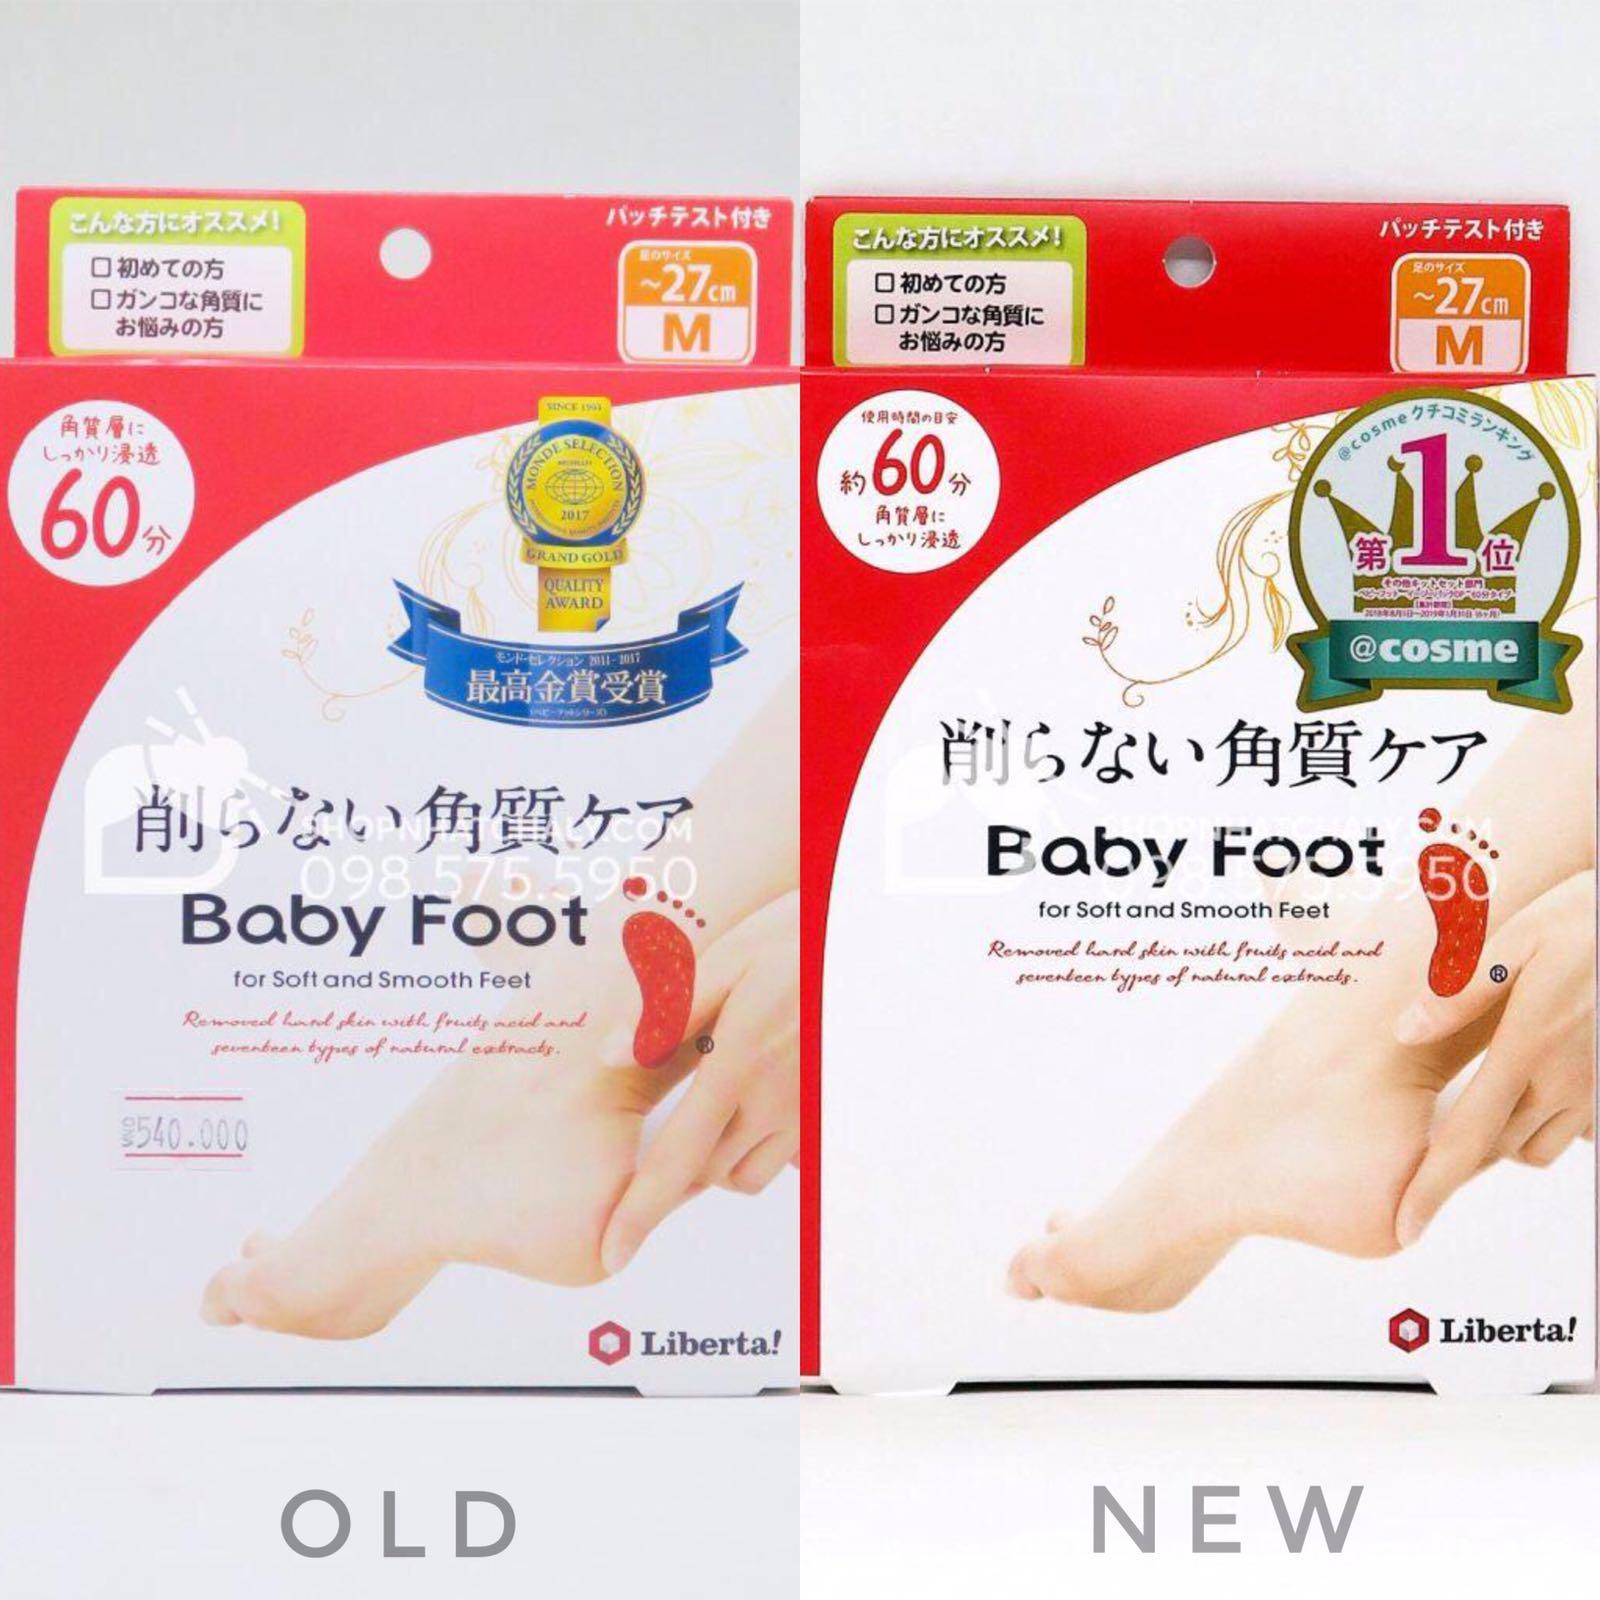 Bao bì mẫu cũ (trái) và mẫu mới nhất (phải) của ủ bong da chết bàn chân Baby Foot for soft and smooth feet Nhật Bản